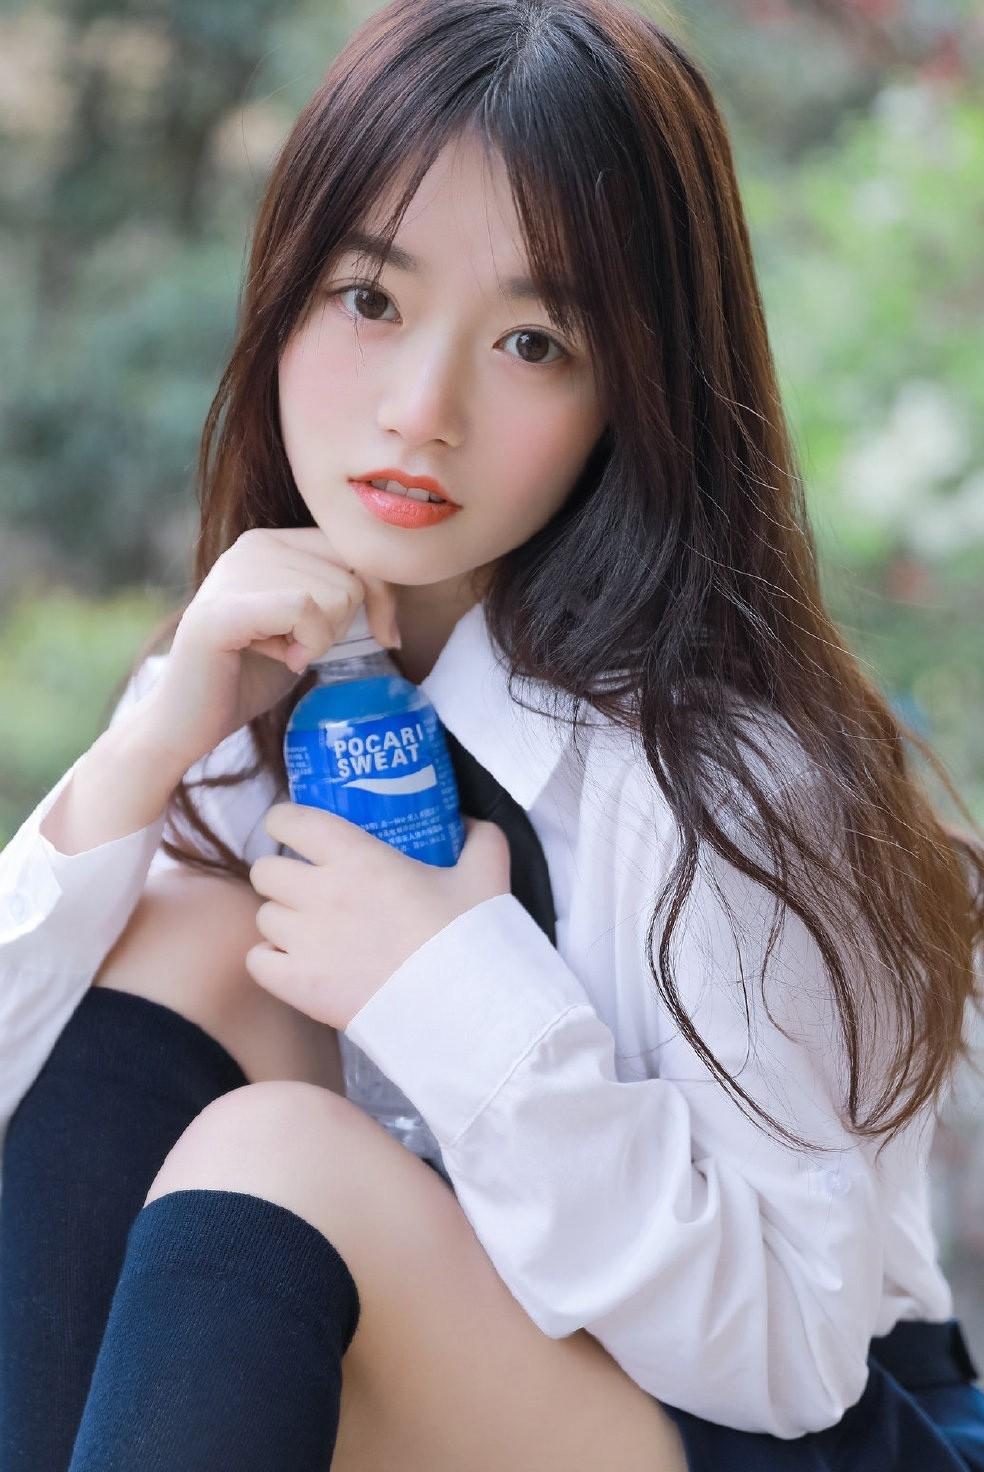 5MIDE-217大胸短发美女少妇低胸长裙写真